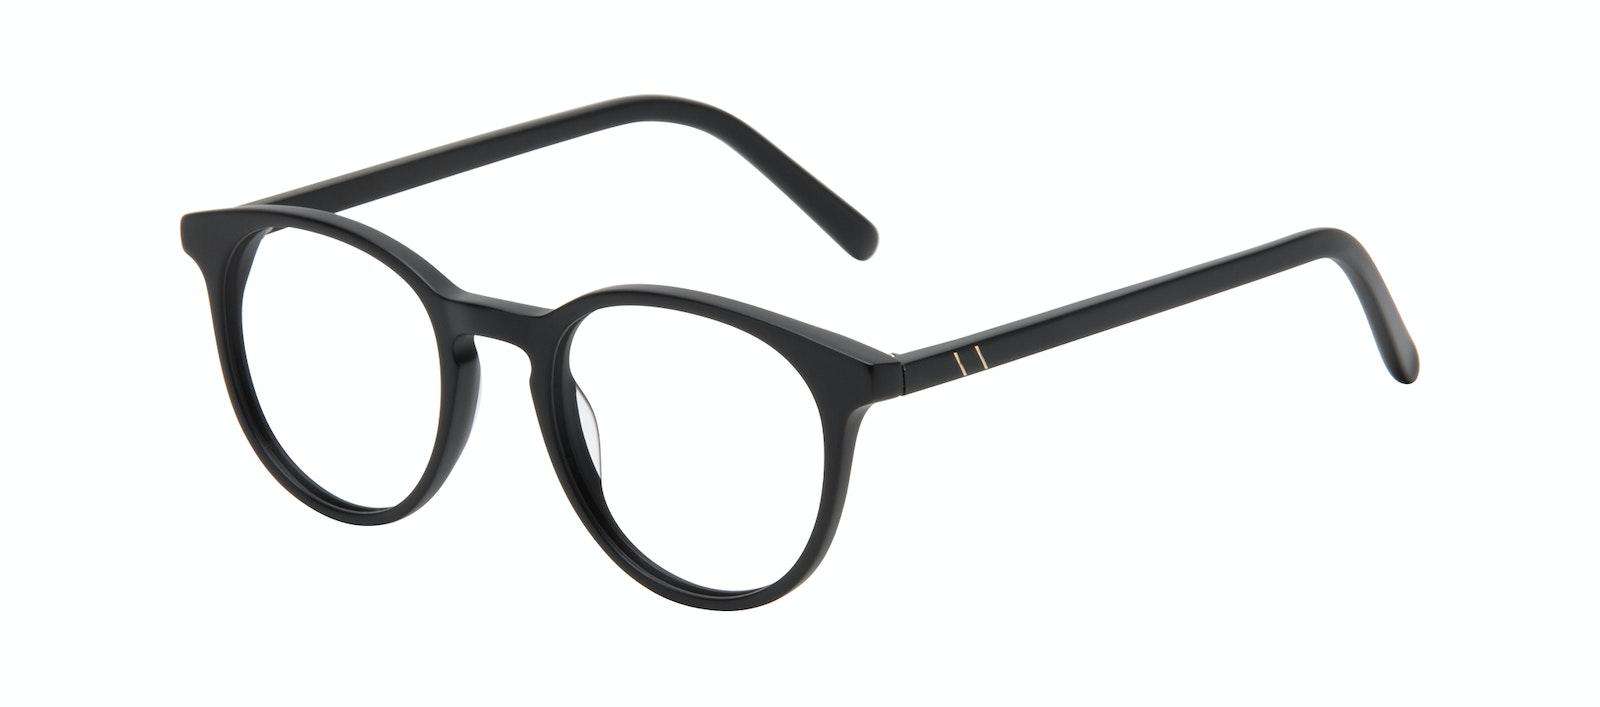 Affordable Fashion Glasses Round Eyeglasses Men Select Black Matte Tilt